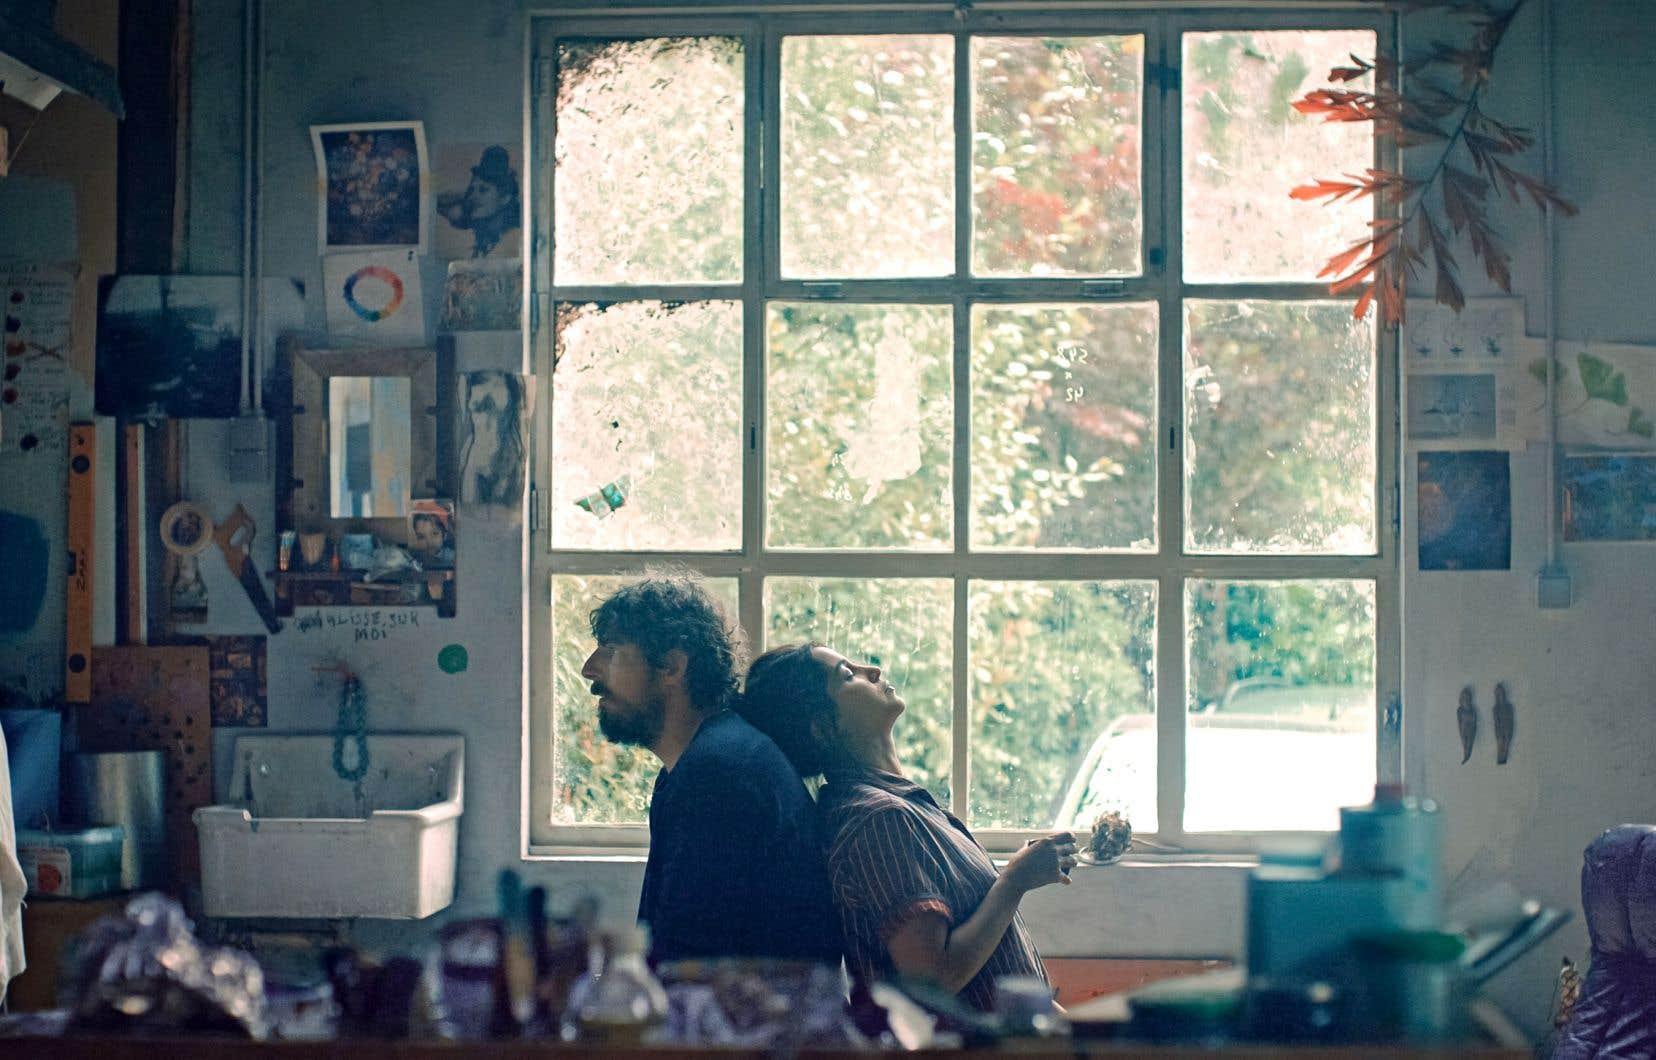 Dans «Les intranquilles», la maladie mentale et la détresse des hommes sont des thèmes au cœur du film, portés par le personnage de Julien, un peintre bipolaire qui traverse des tempêtes avec sa famille.